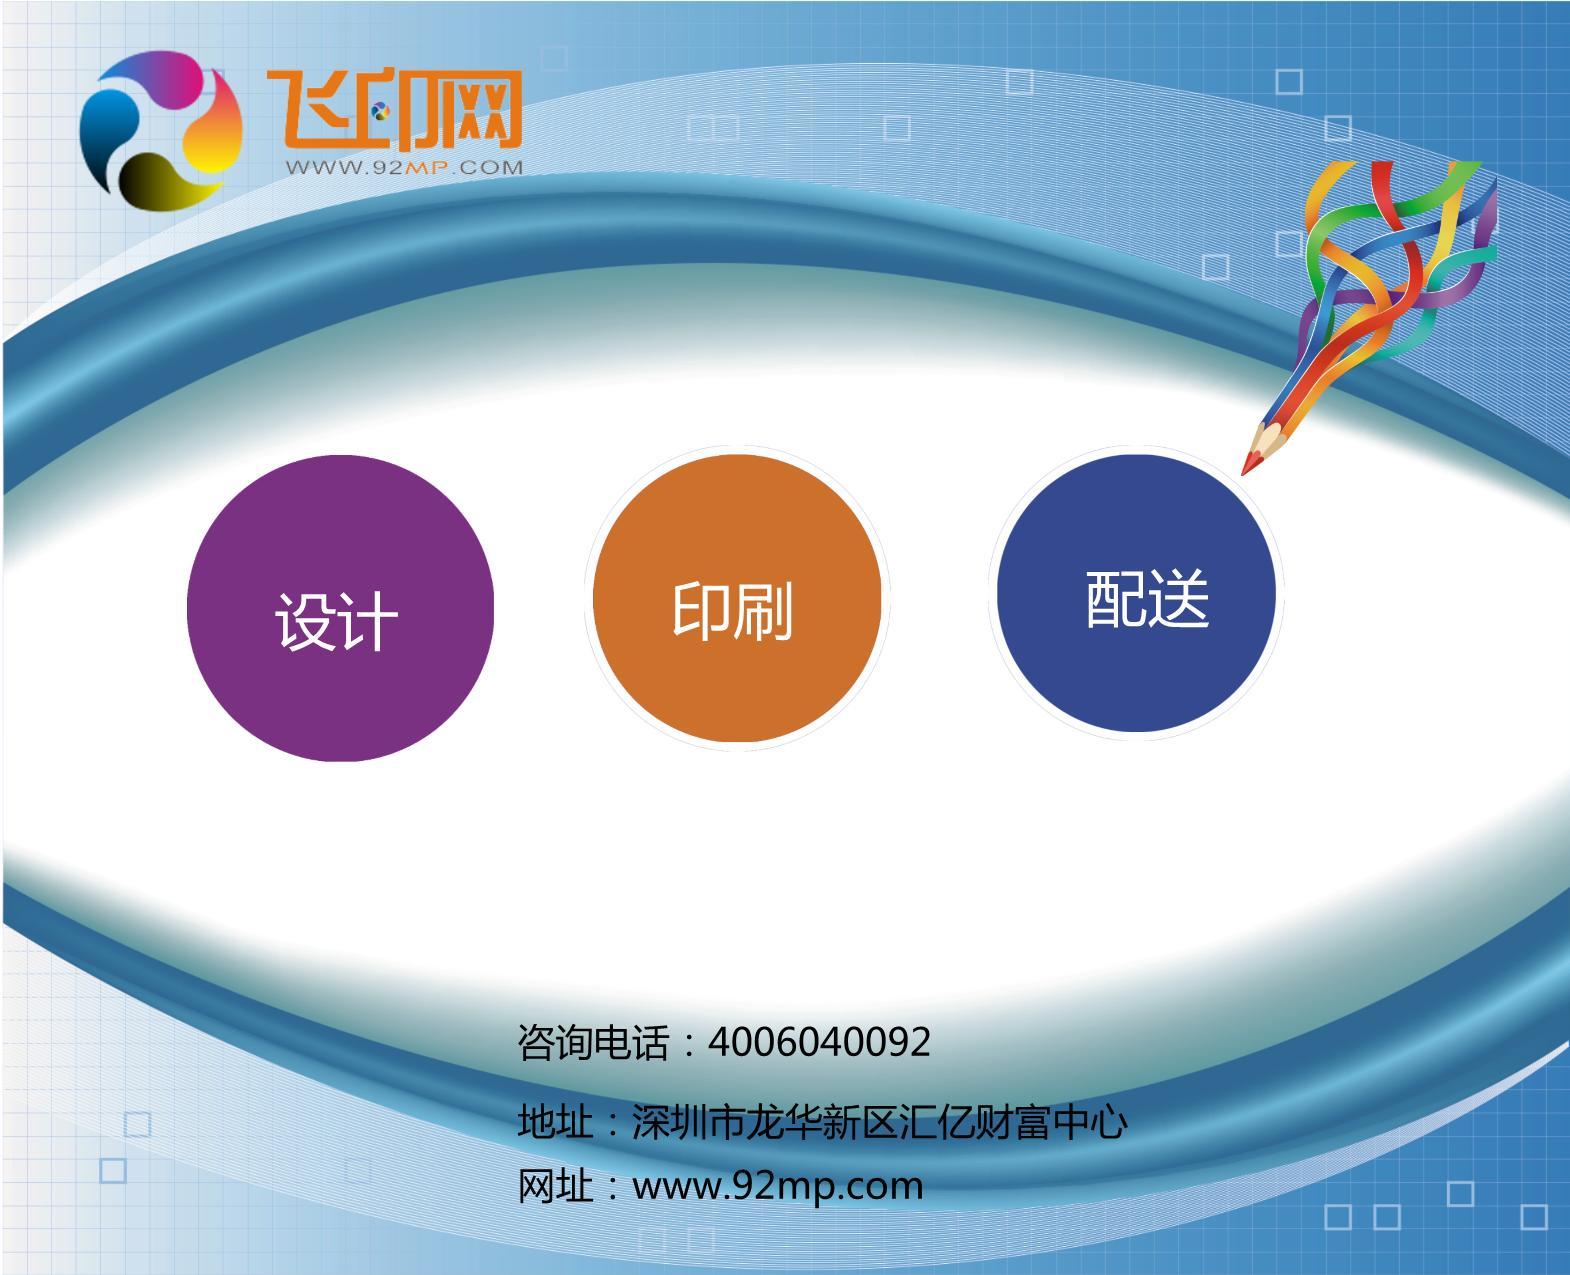 彩色印刷設計傳媒公司鼠標墊模板下載